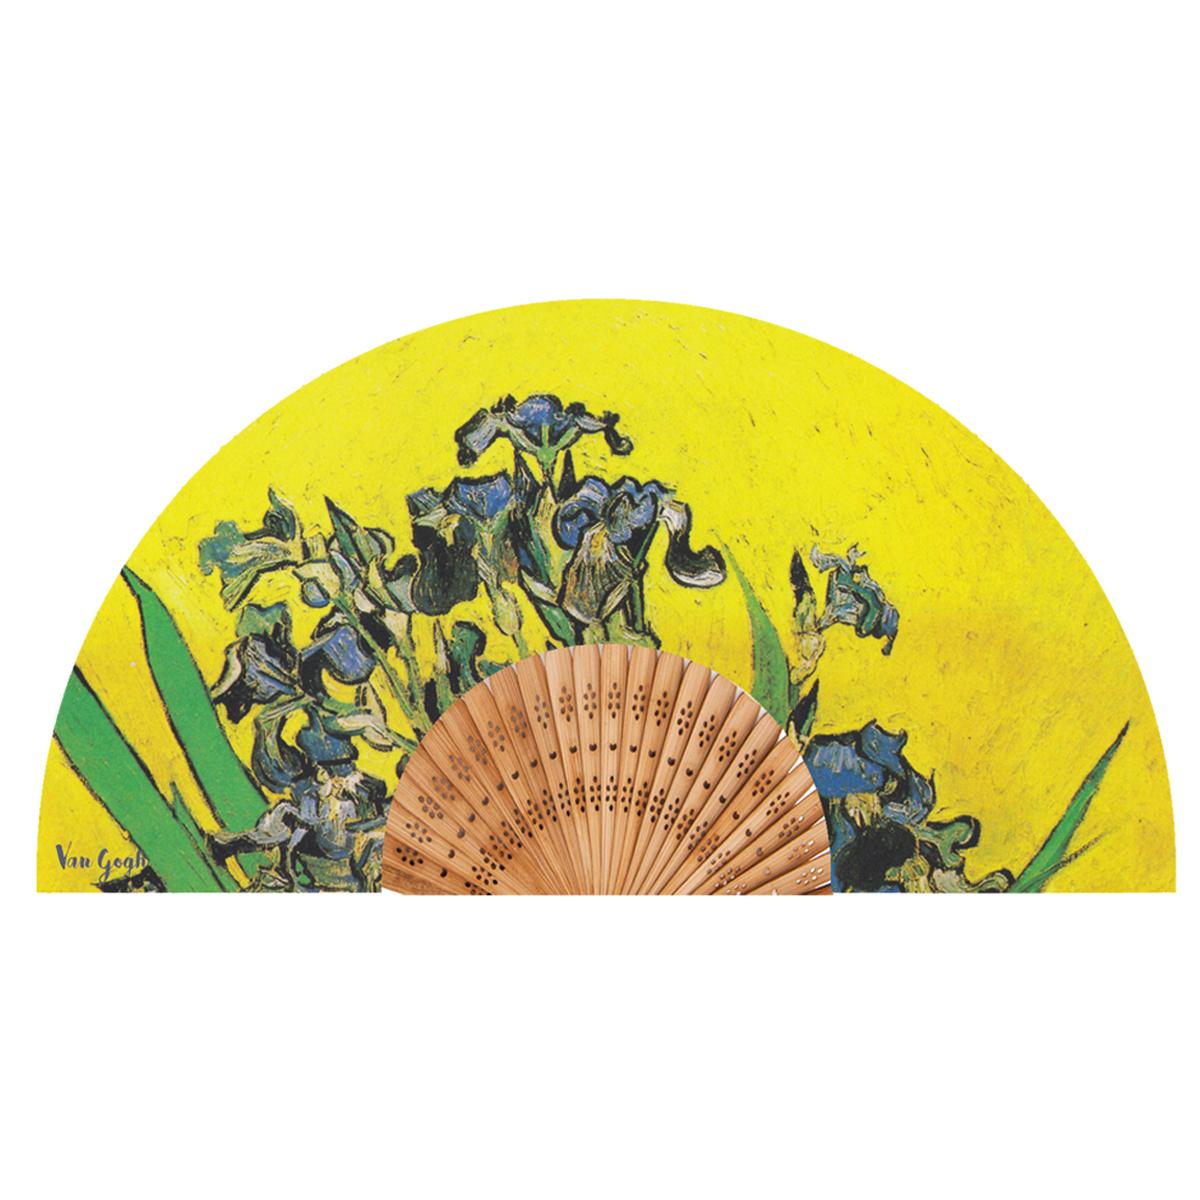 Eventail créateur \'Vincent Van Gogh\' (Les Iris sur fond jaune) - ouvert 37x21 cm - [Q9277]